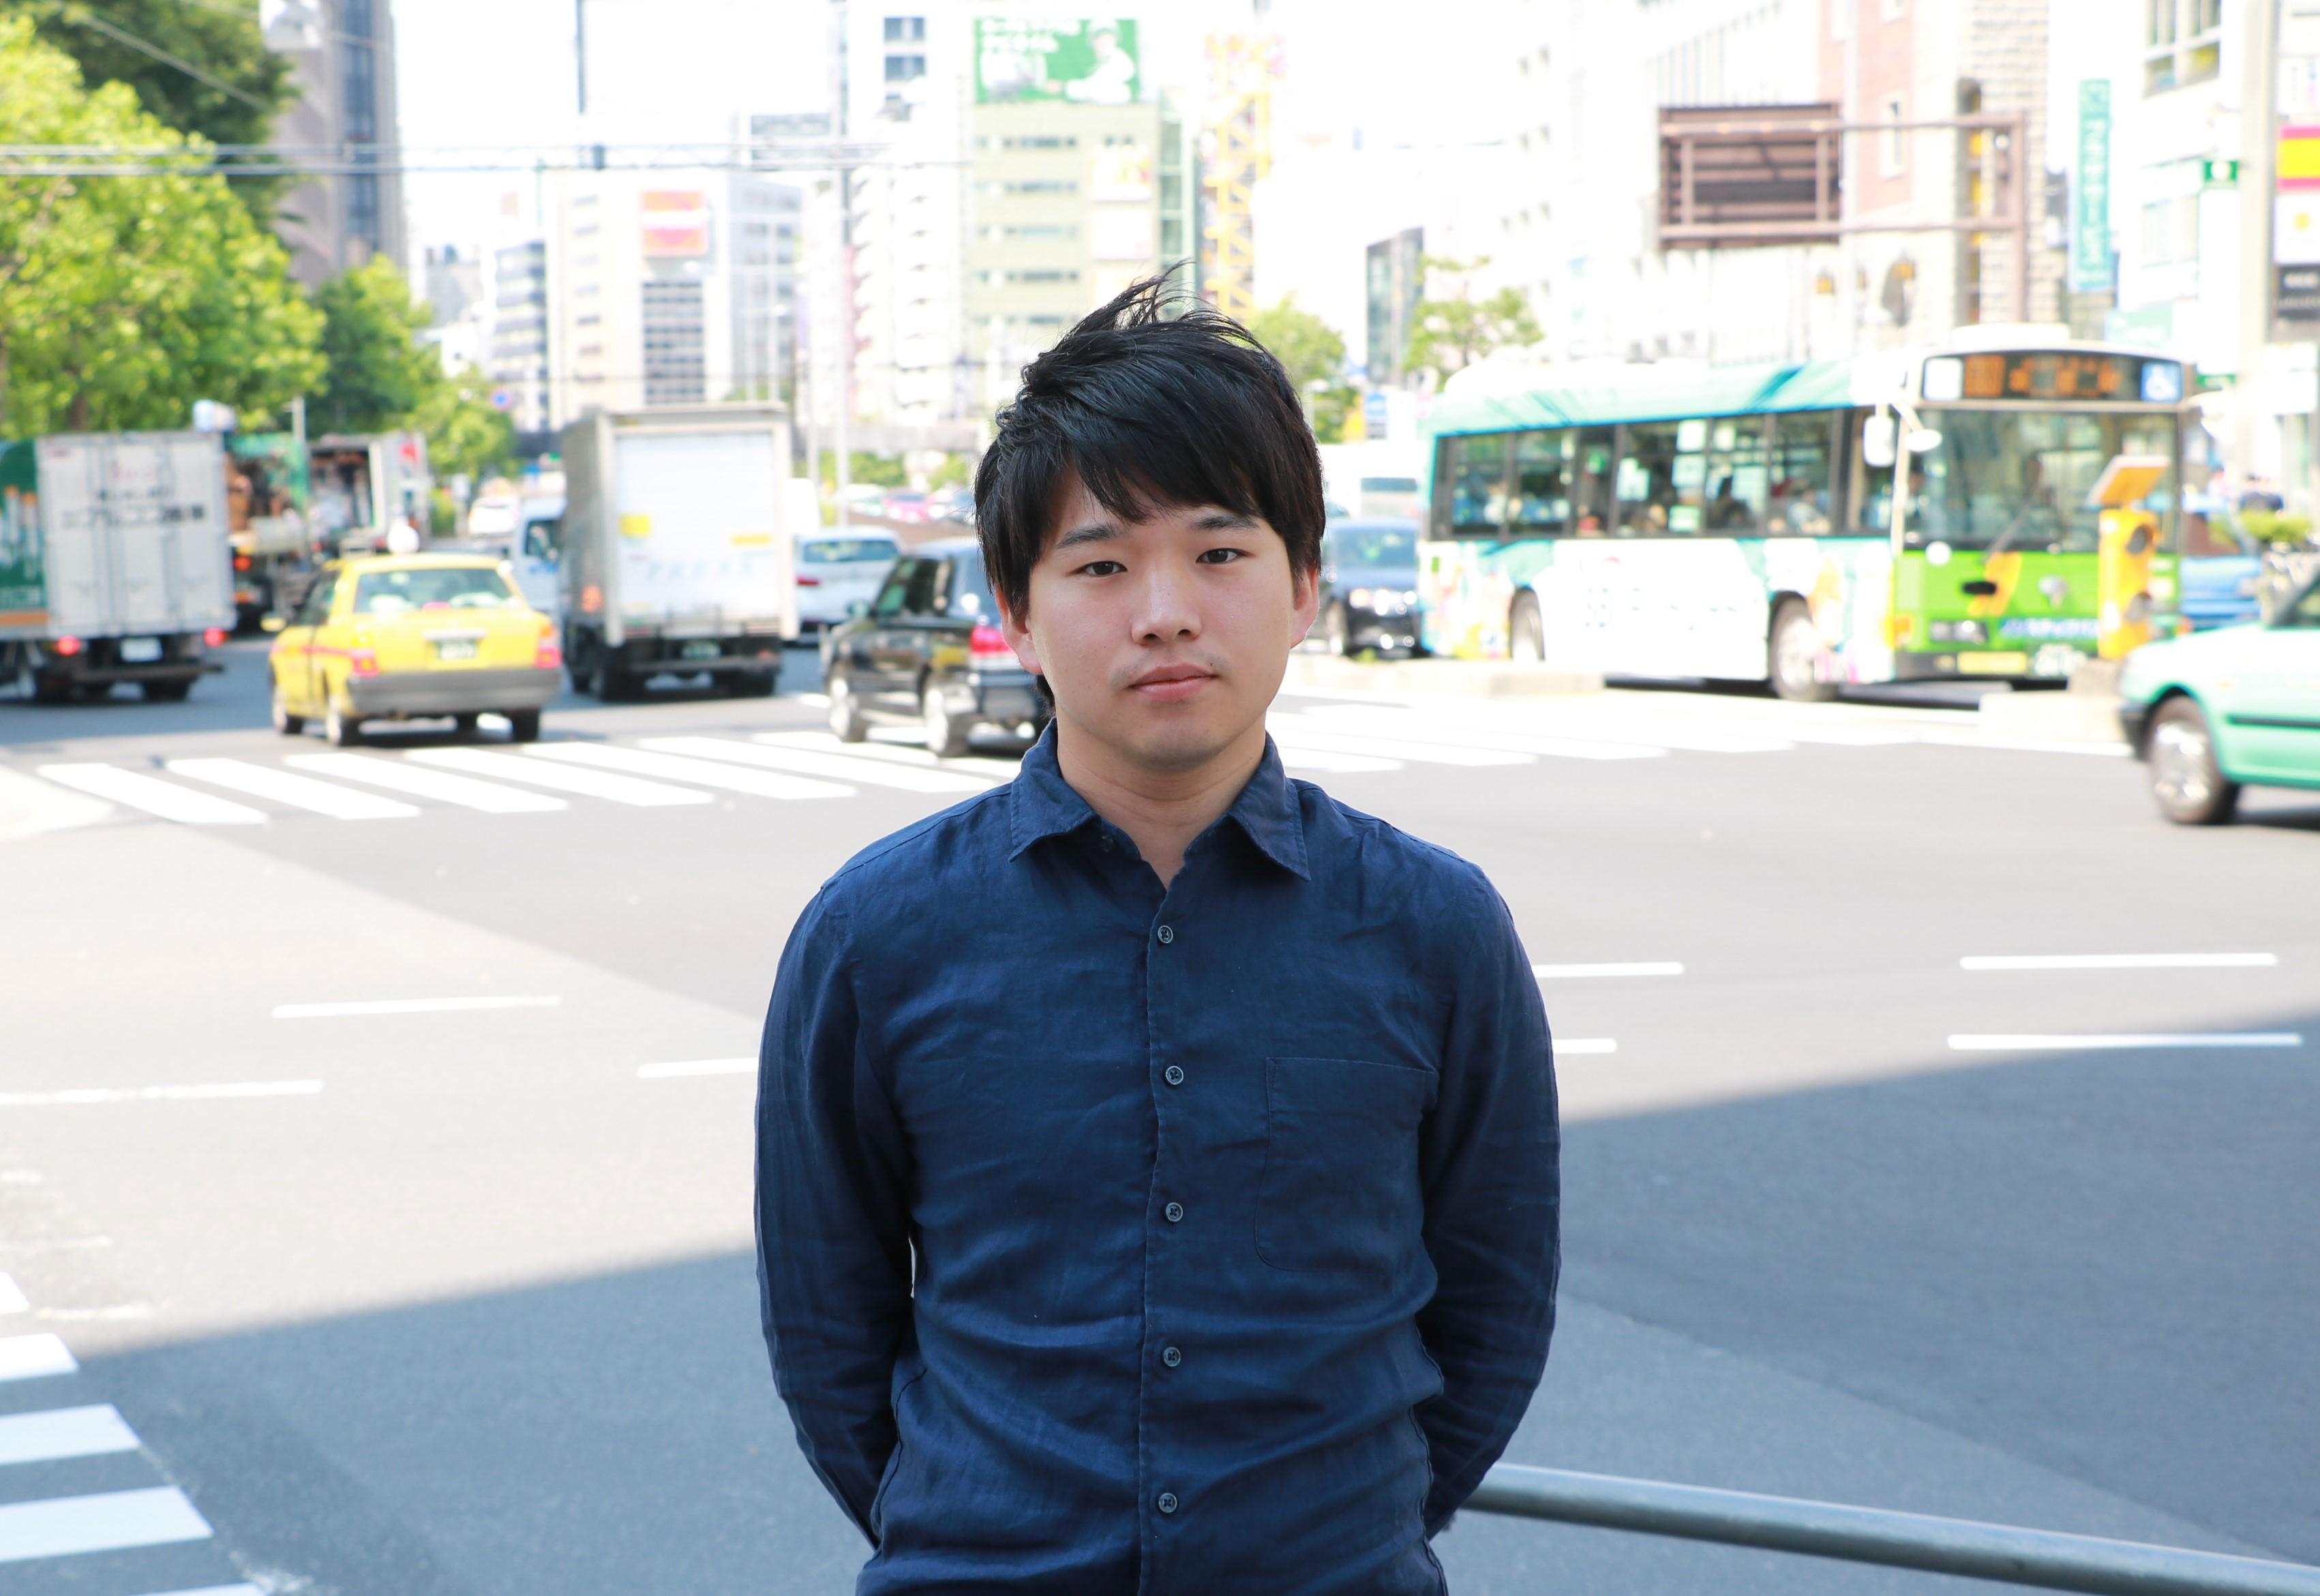 【インタビュー】前編:大企業の採用担当、NPO理事、企業家…27歳の僕が、名刺を…